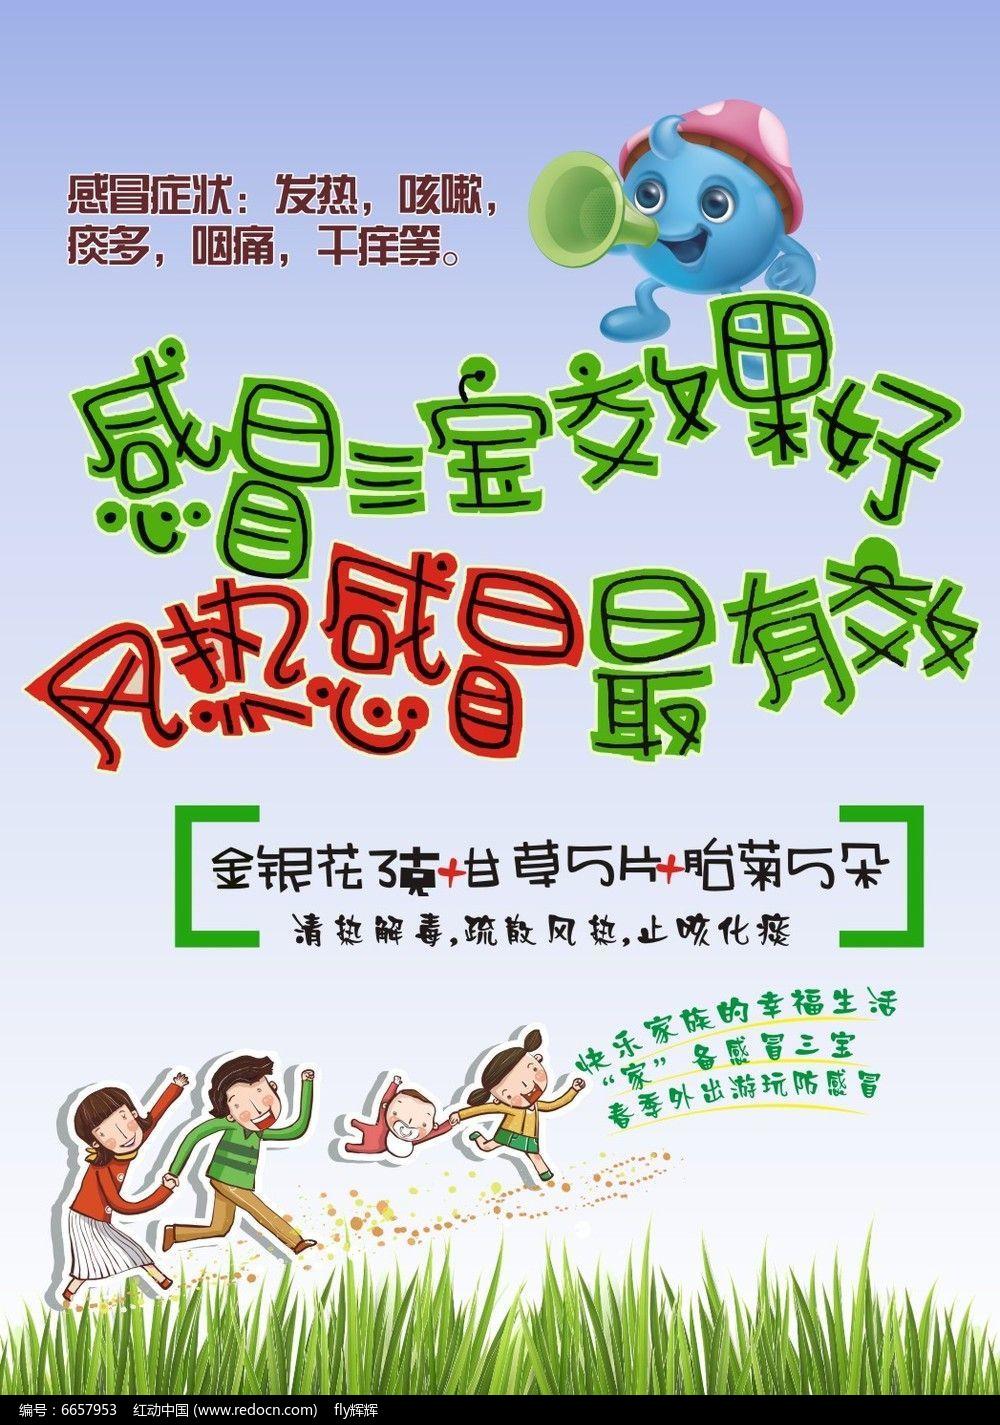 卡通pop字体医药宣传海报cdr图片